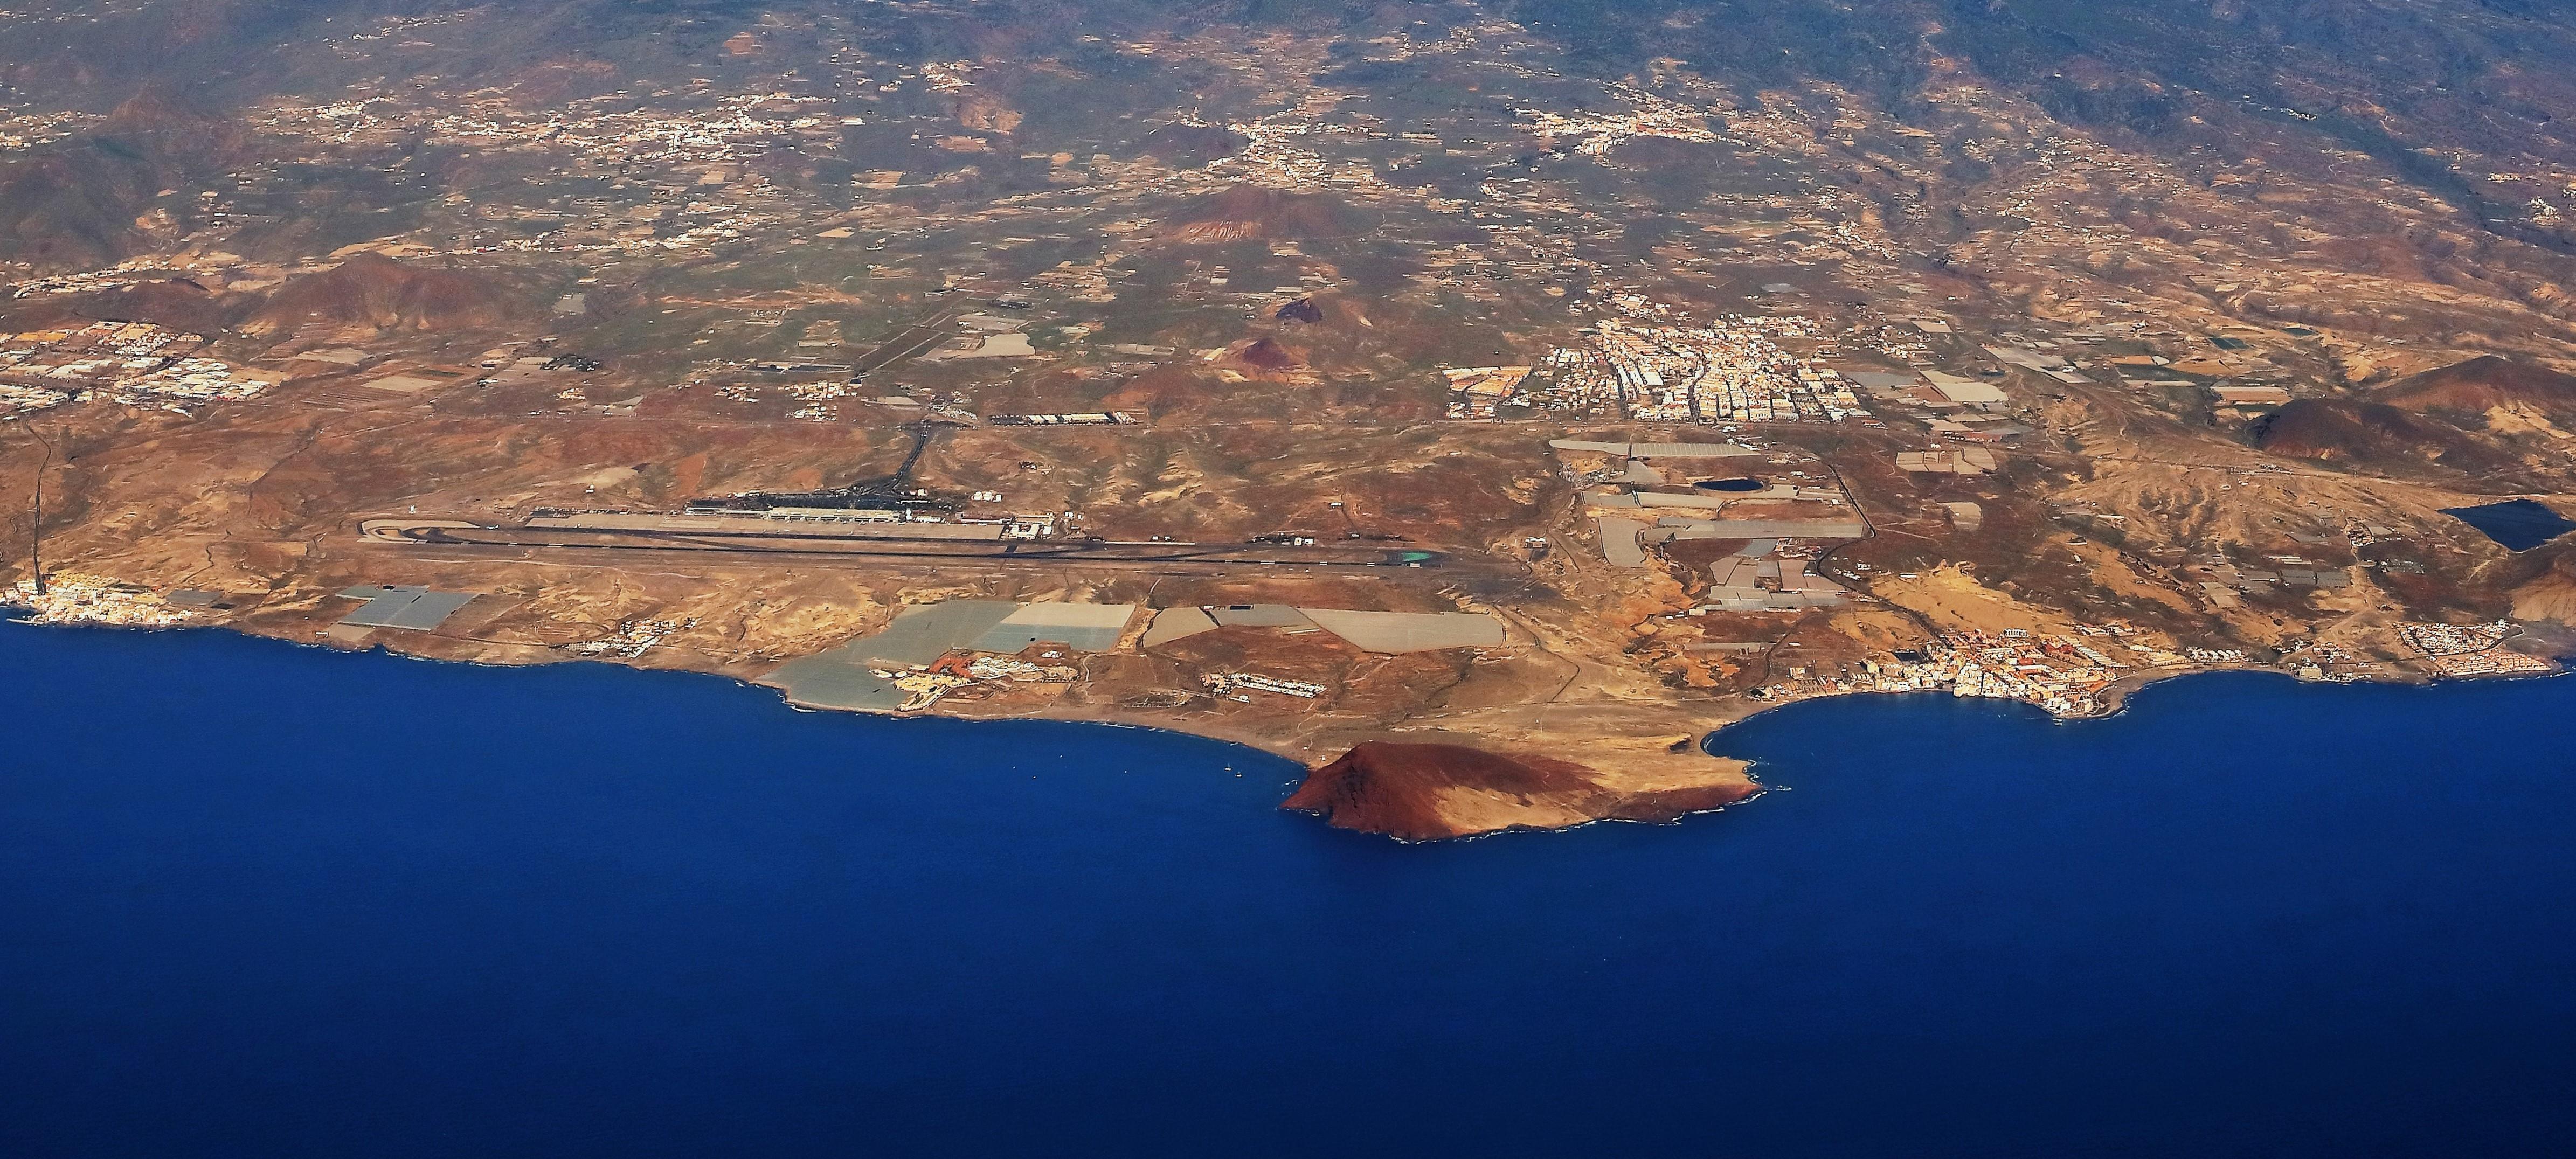 Vista aéreas de Granadilla de Abona. Tenerife